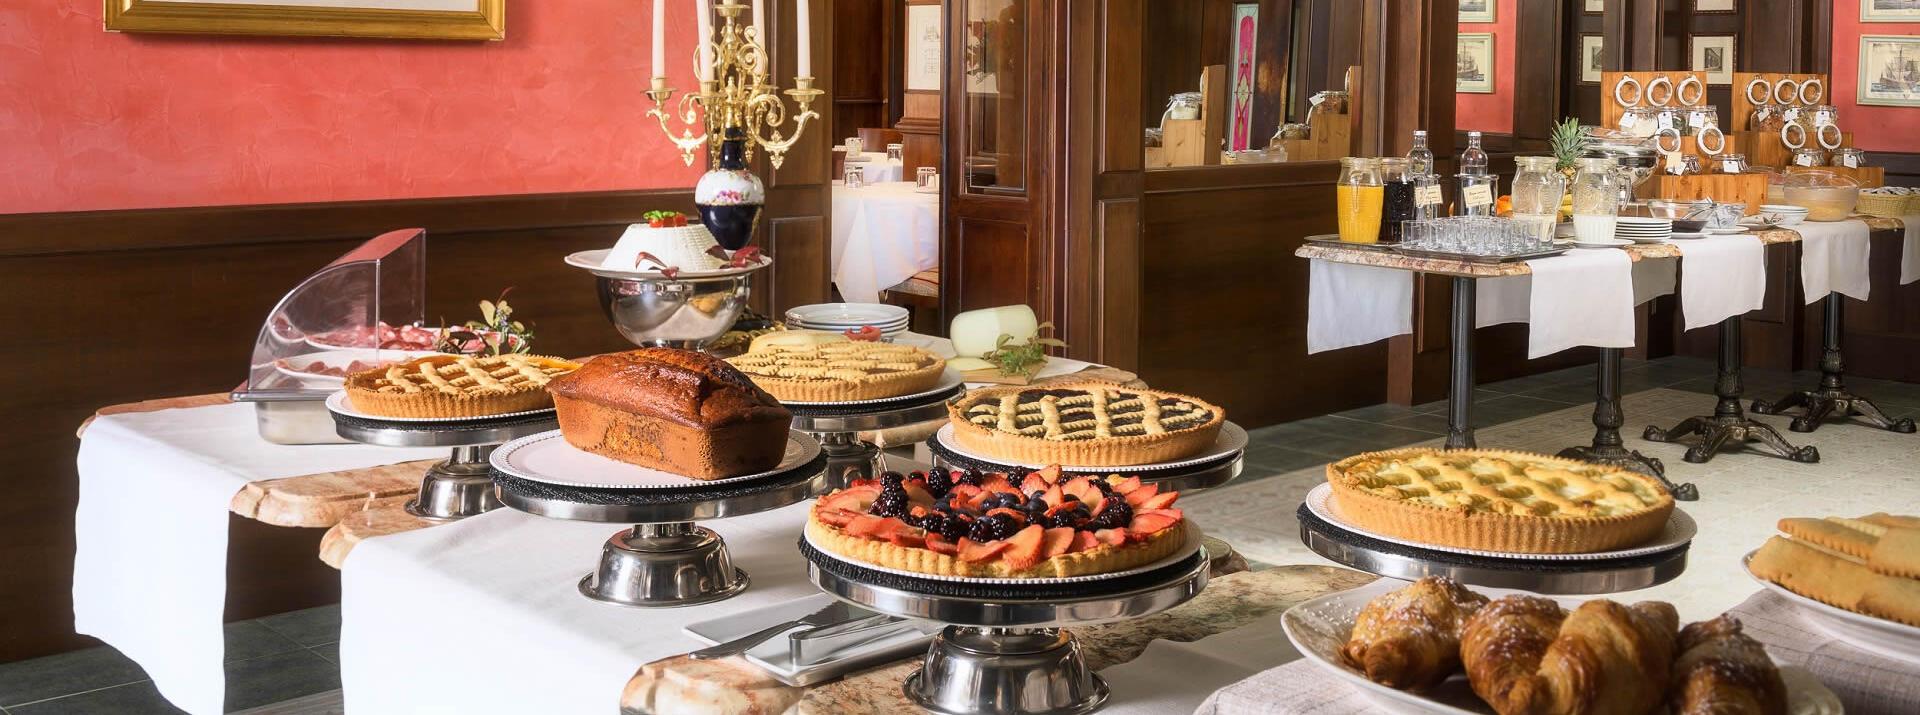 hotelsangregorio it colazione 004